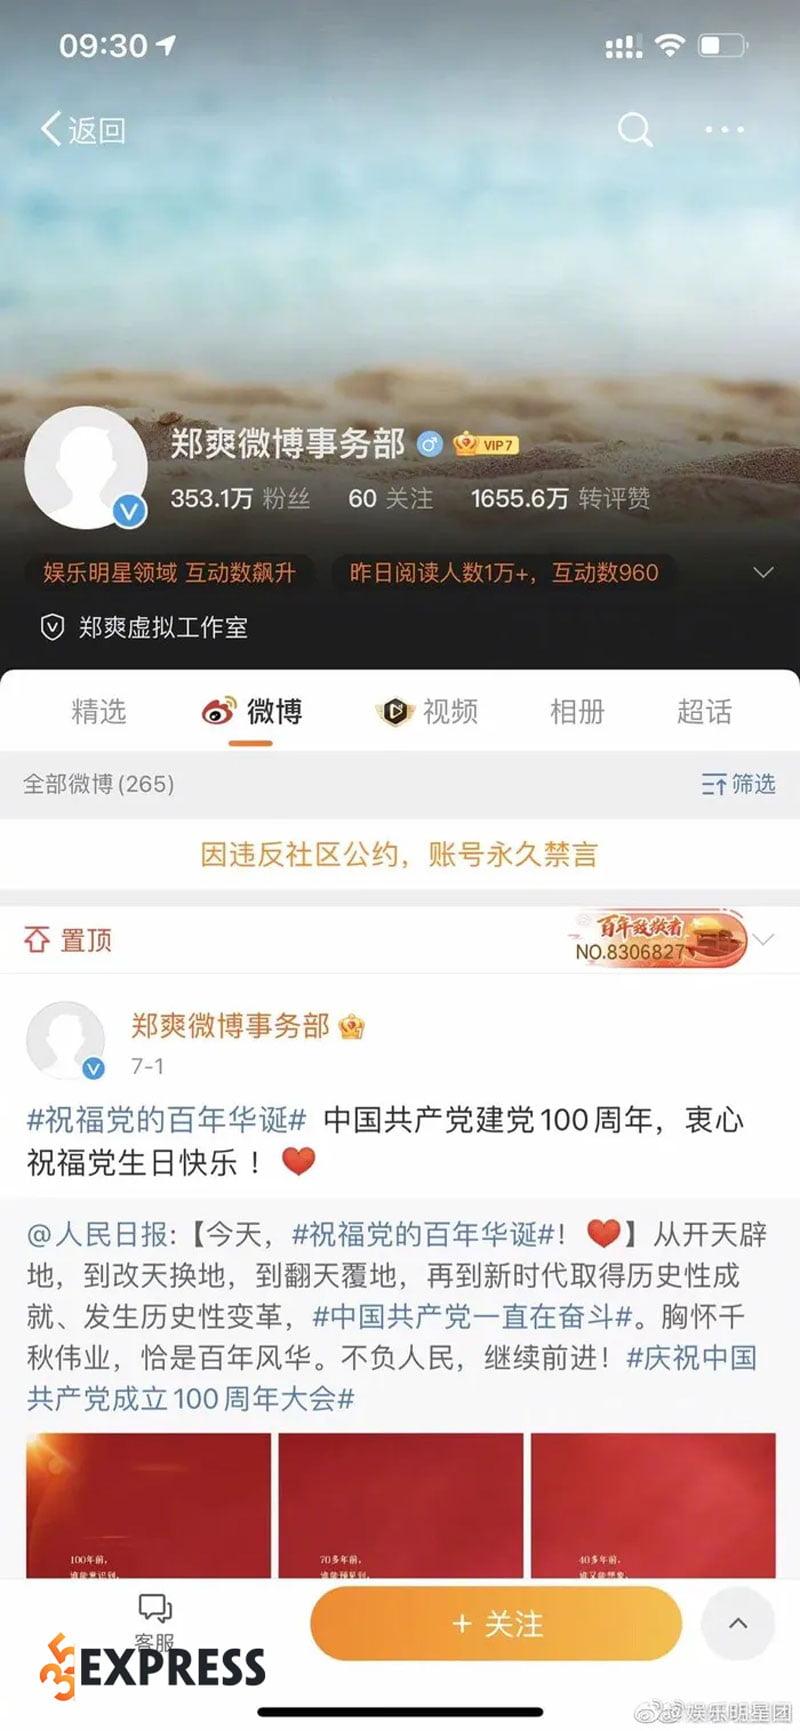 sau-giay-phut-noi-loan-cuoi-cung-trinh-sang-va-studio-bi-weibo-cam-dang-bai-vinh-vien-4-35express